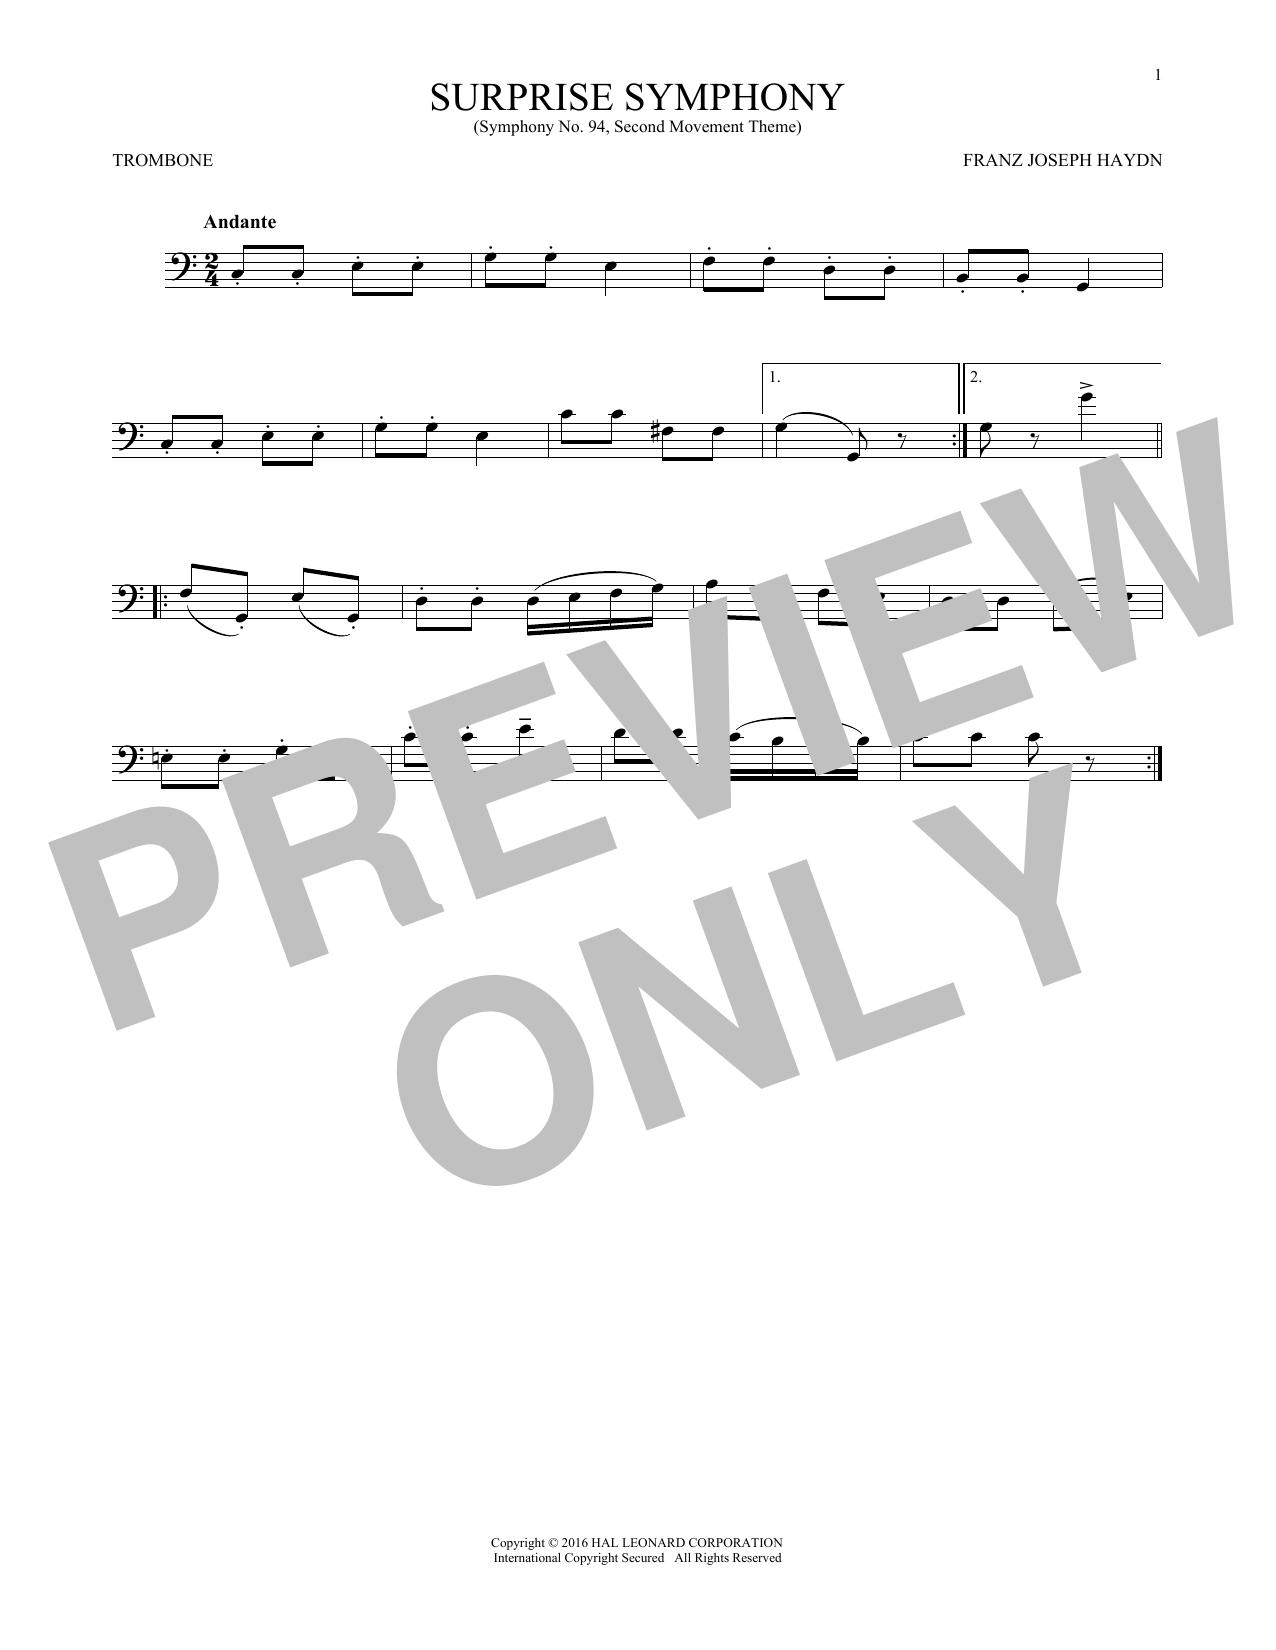 The Surprise Symphony (Trombone Solo)